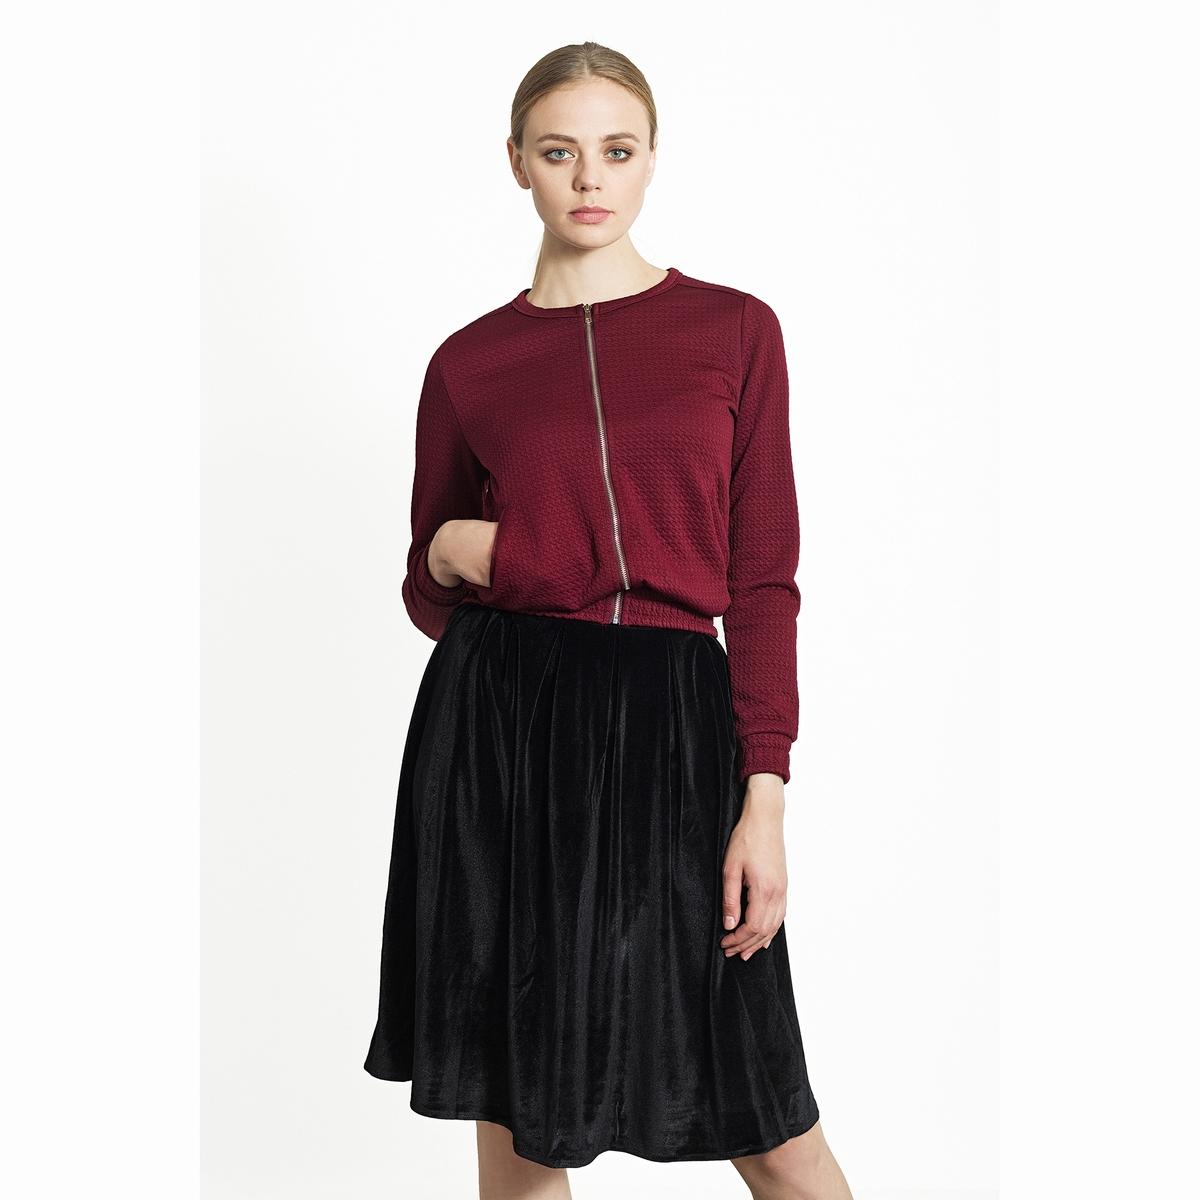 Юбка блестящая плиссированная valentino шелковая плиссированная юбка